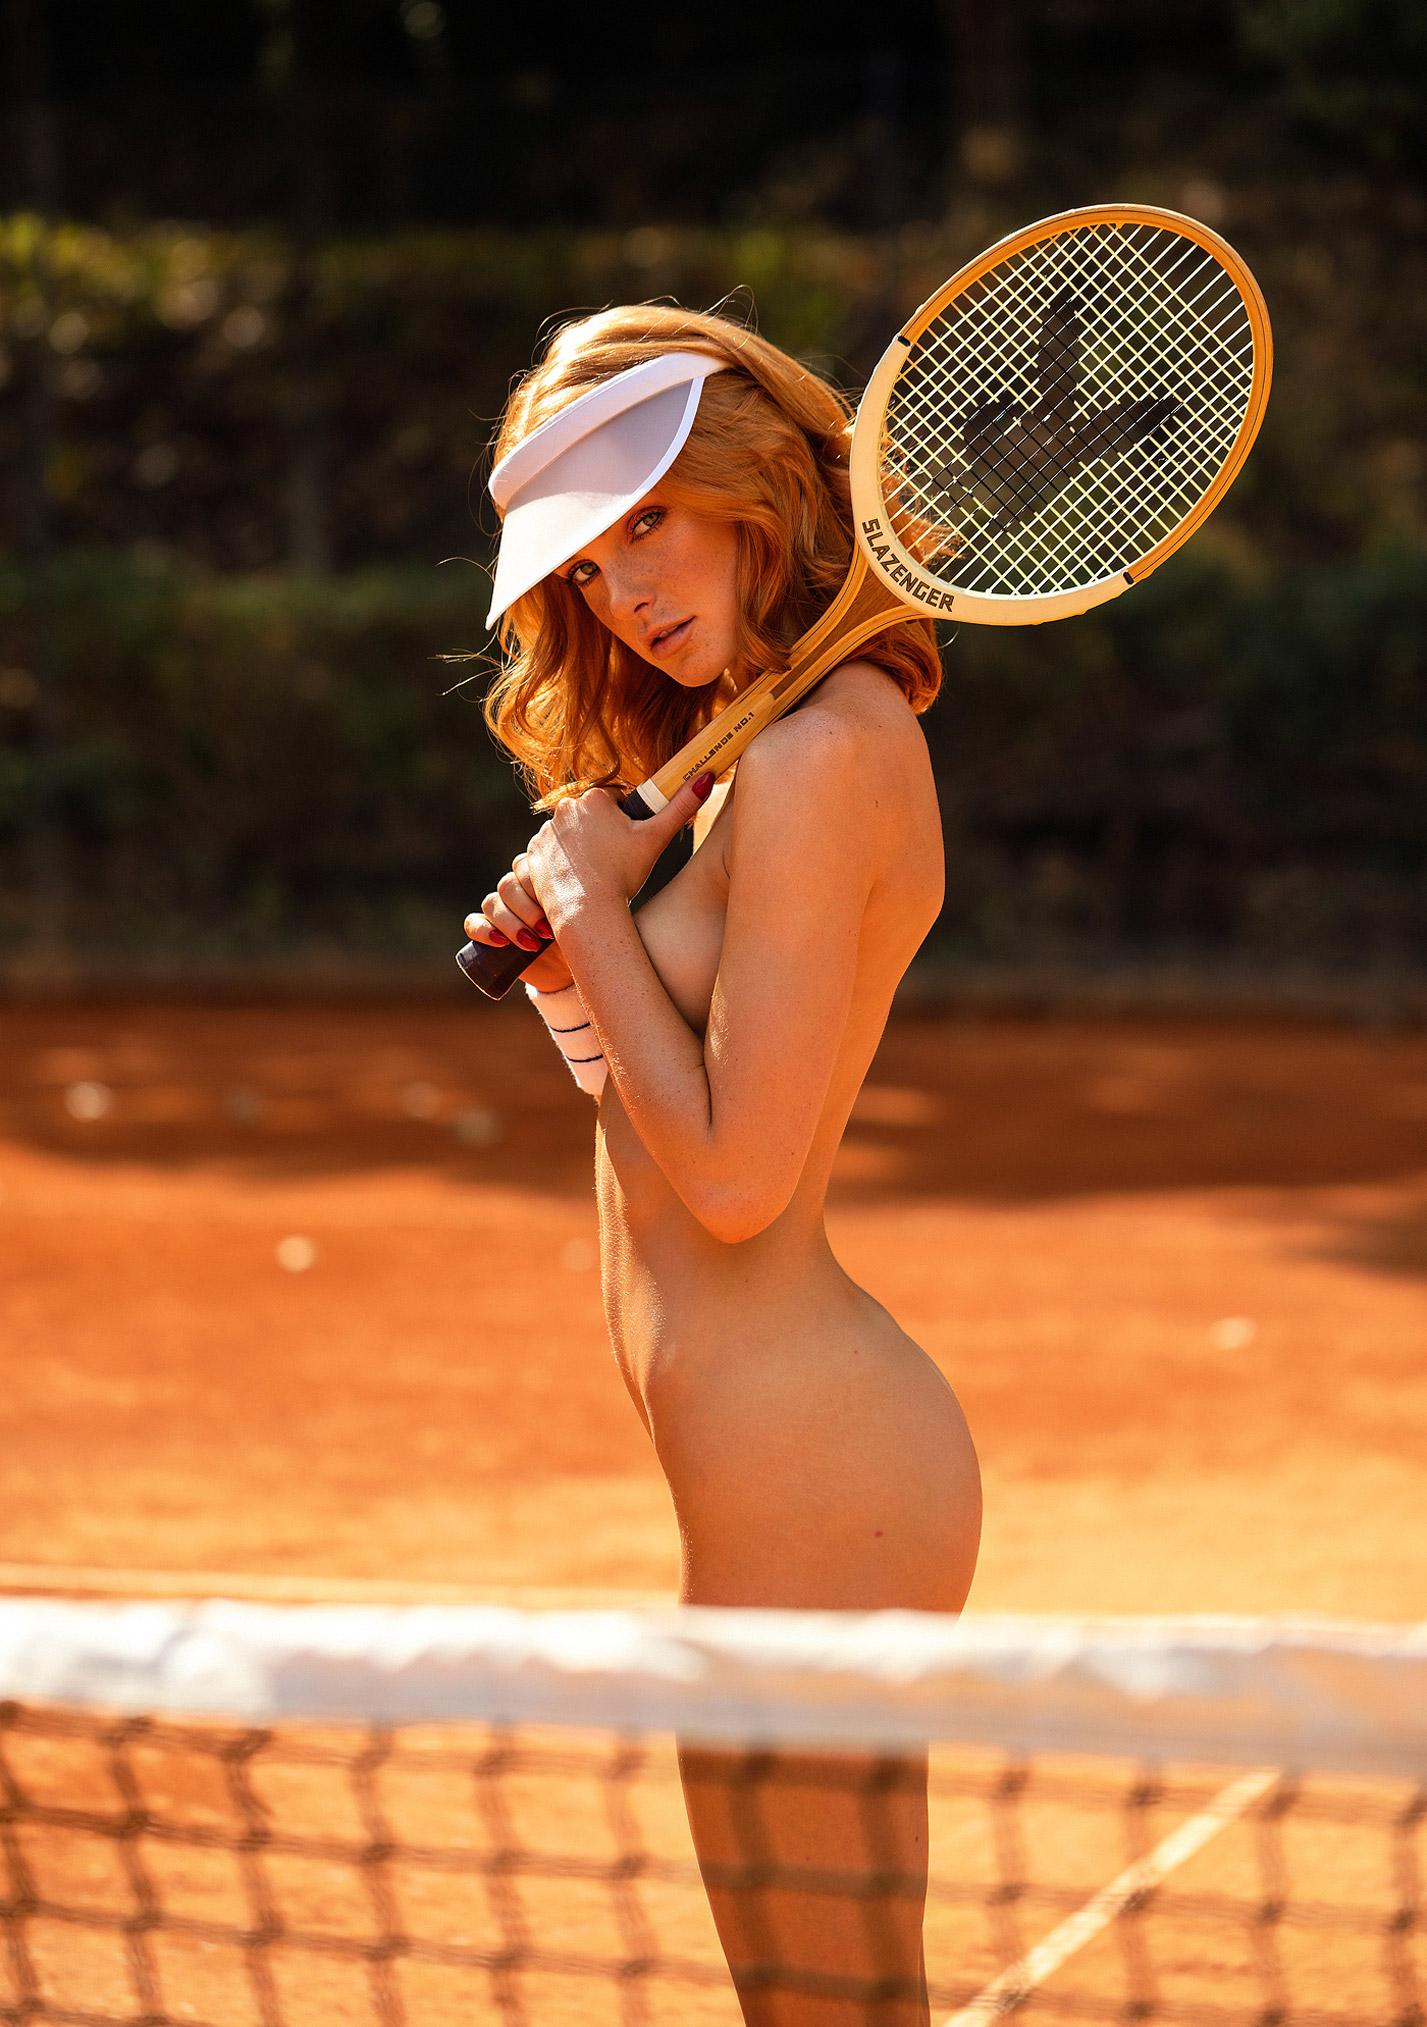 звезда голландского Playboy Свенья ван дер Богарт голая играет в теннис / фото 06